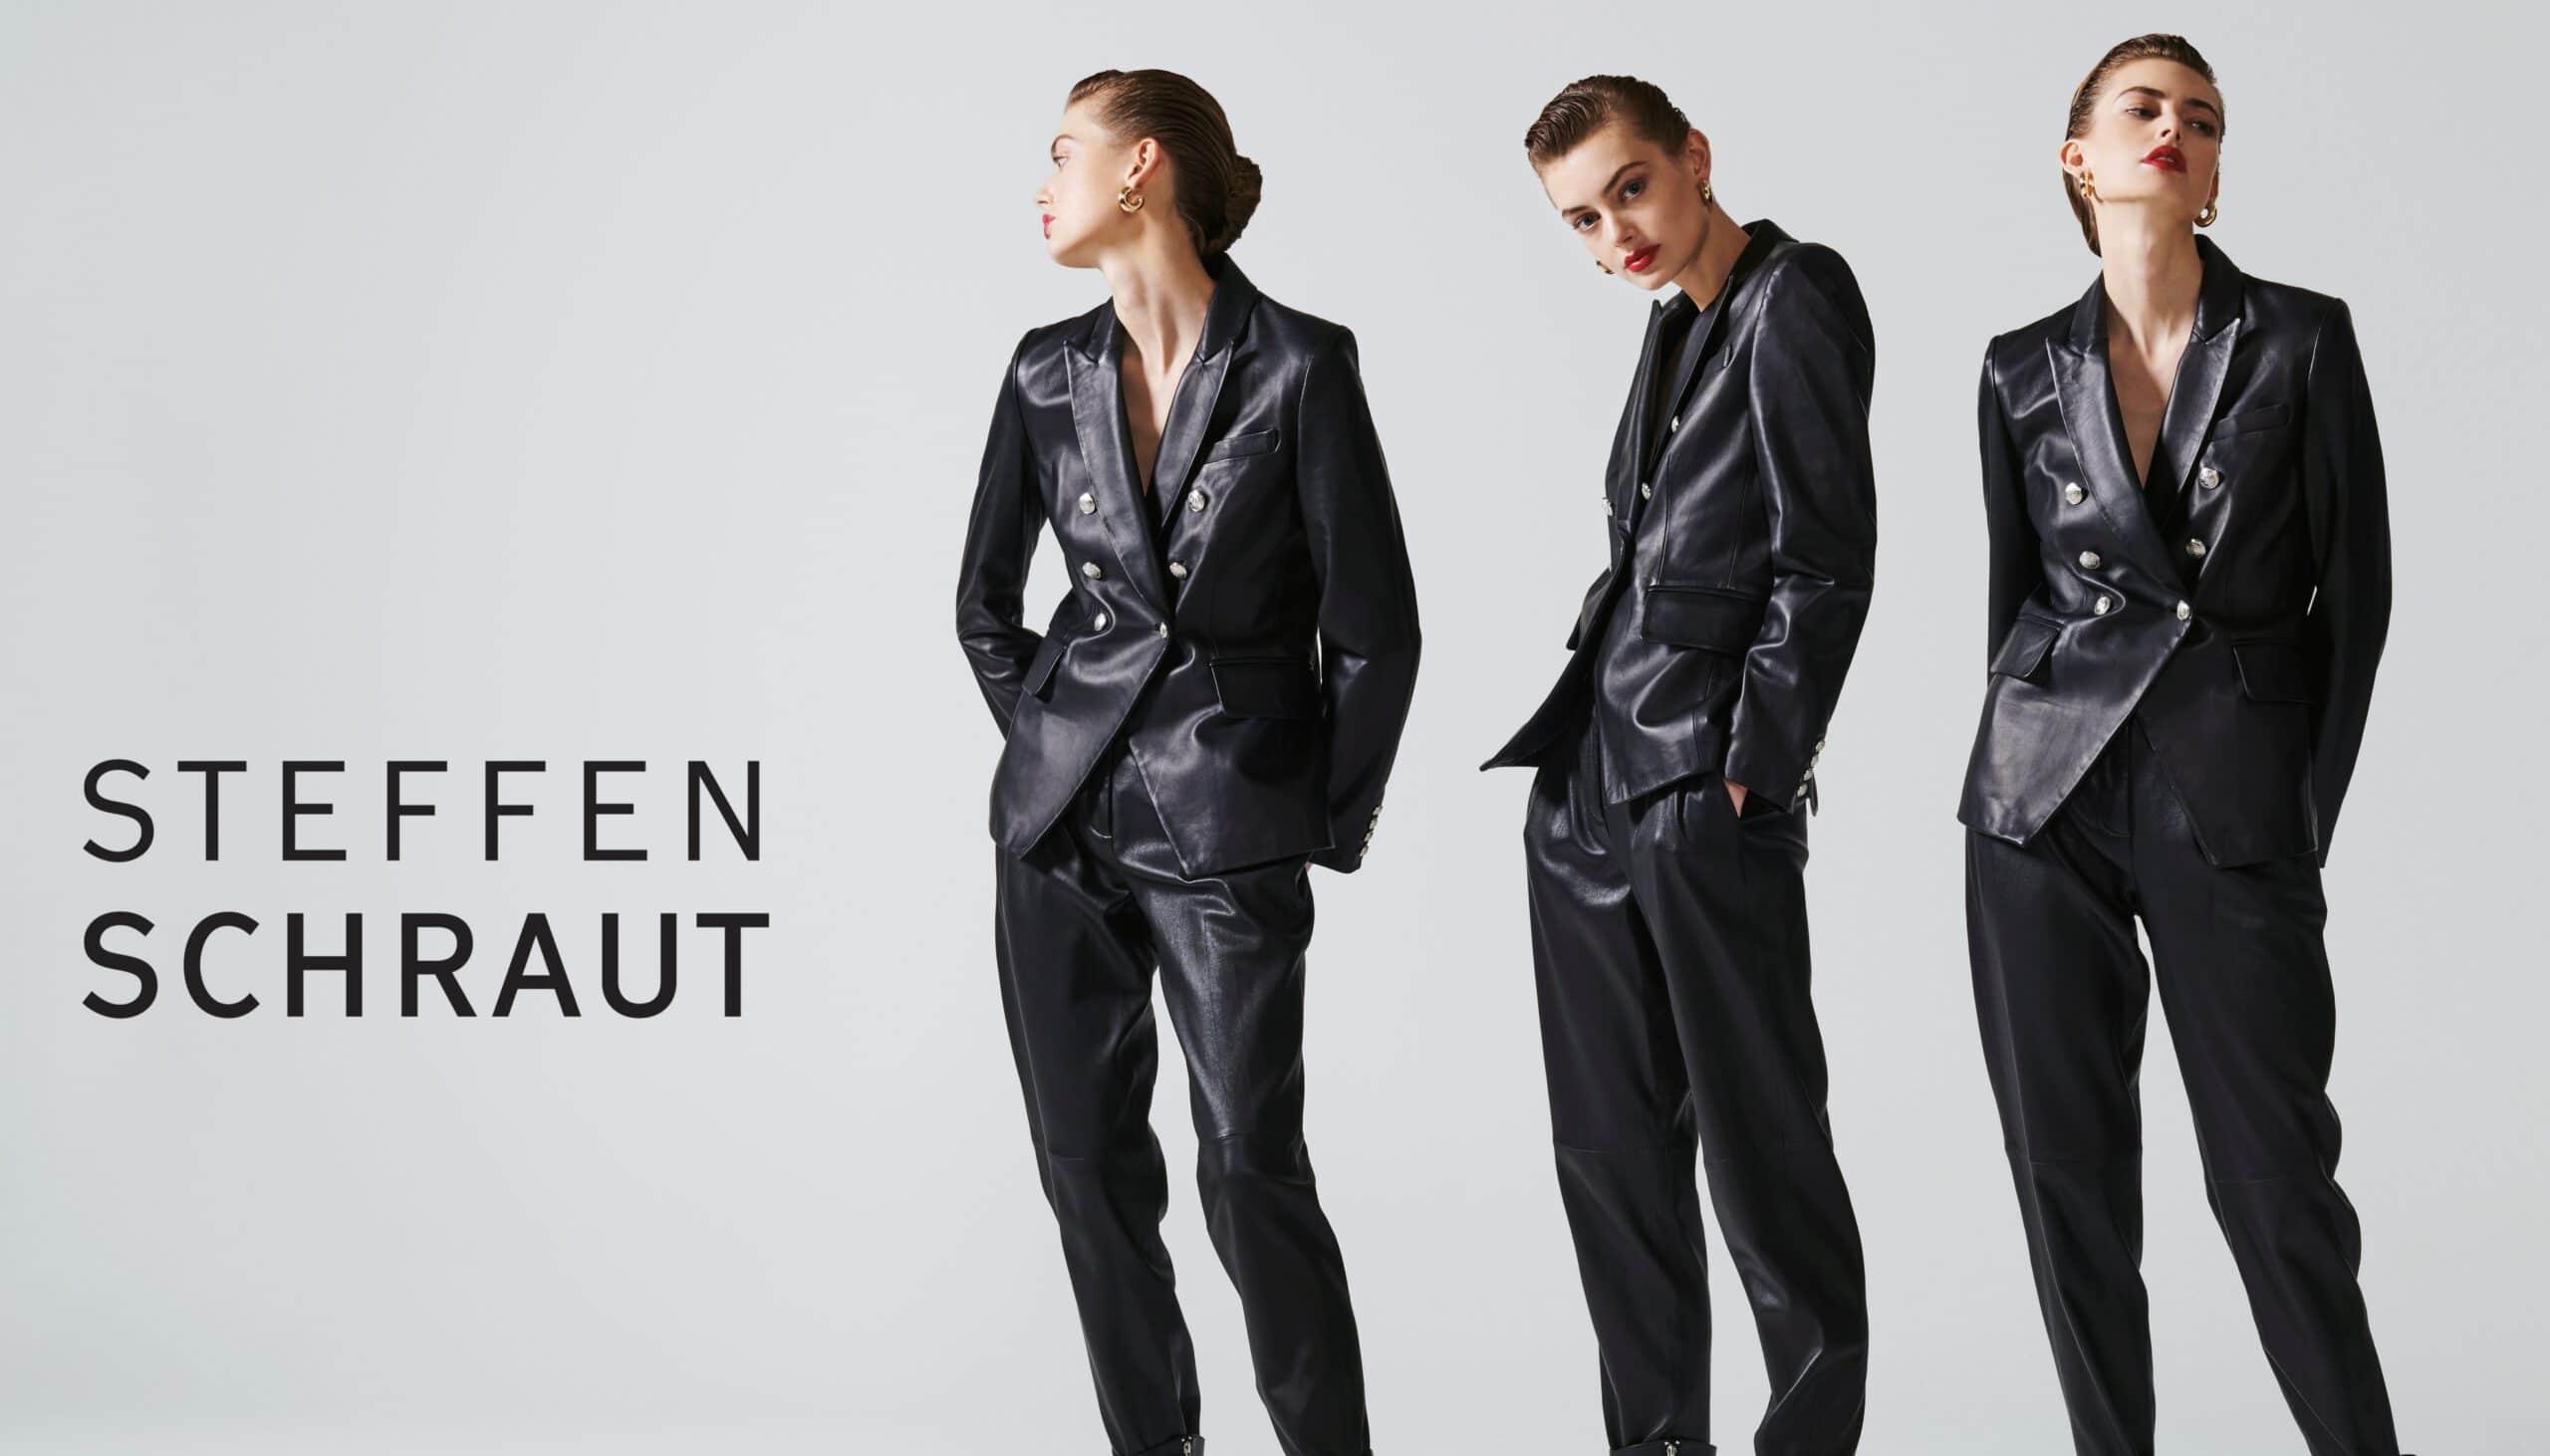 Steffen Schraut Verkaufsberatung bei engelhorn Mode